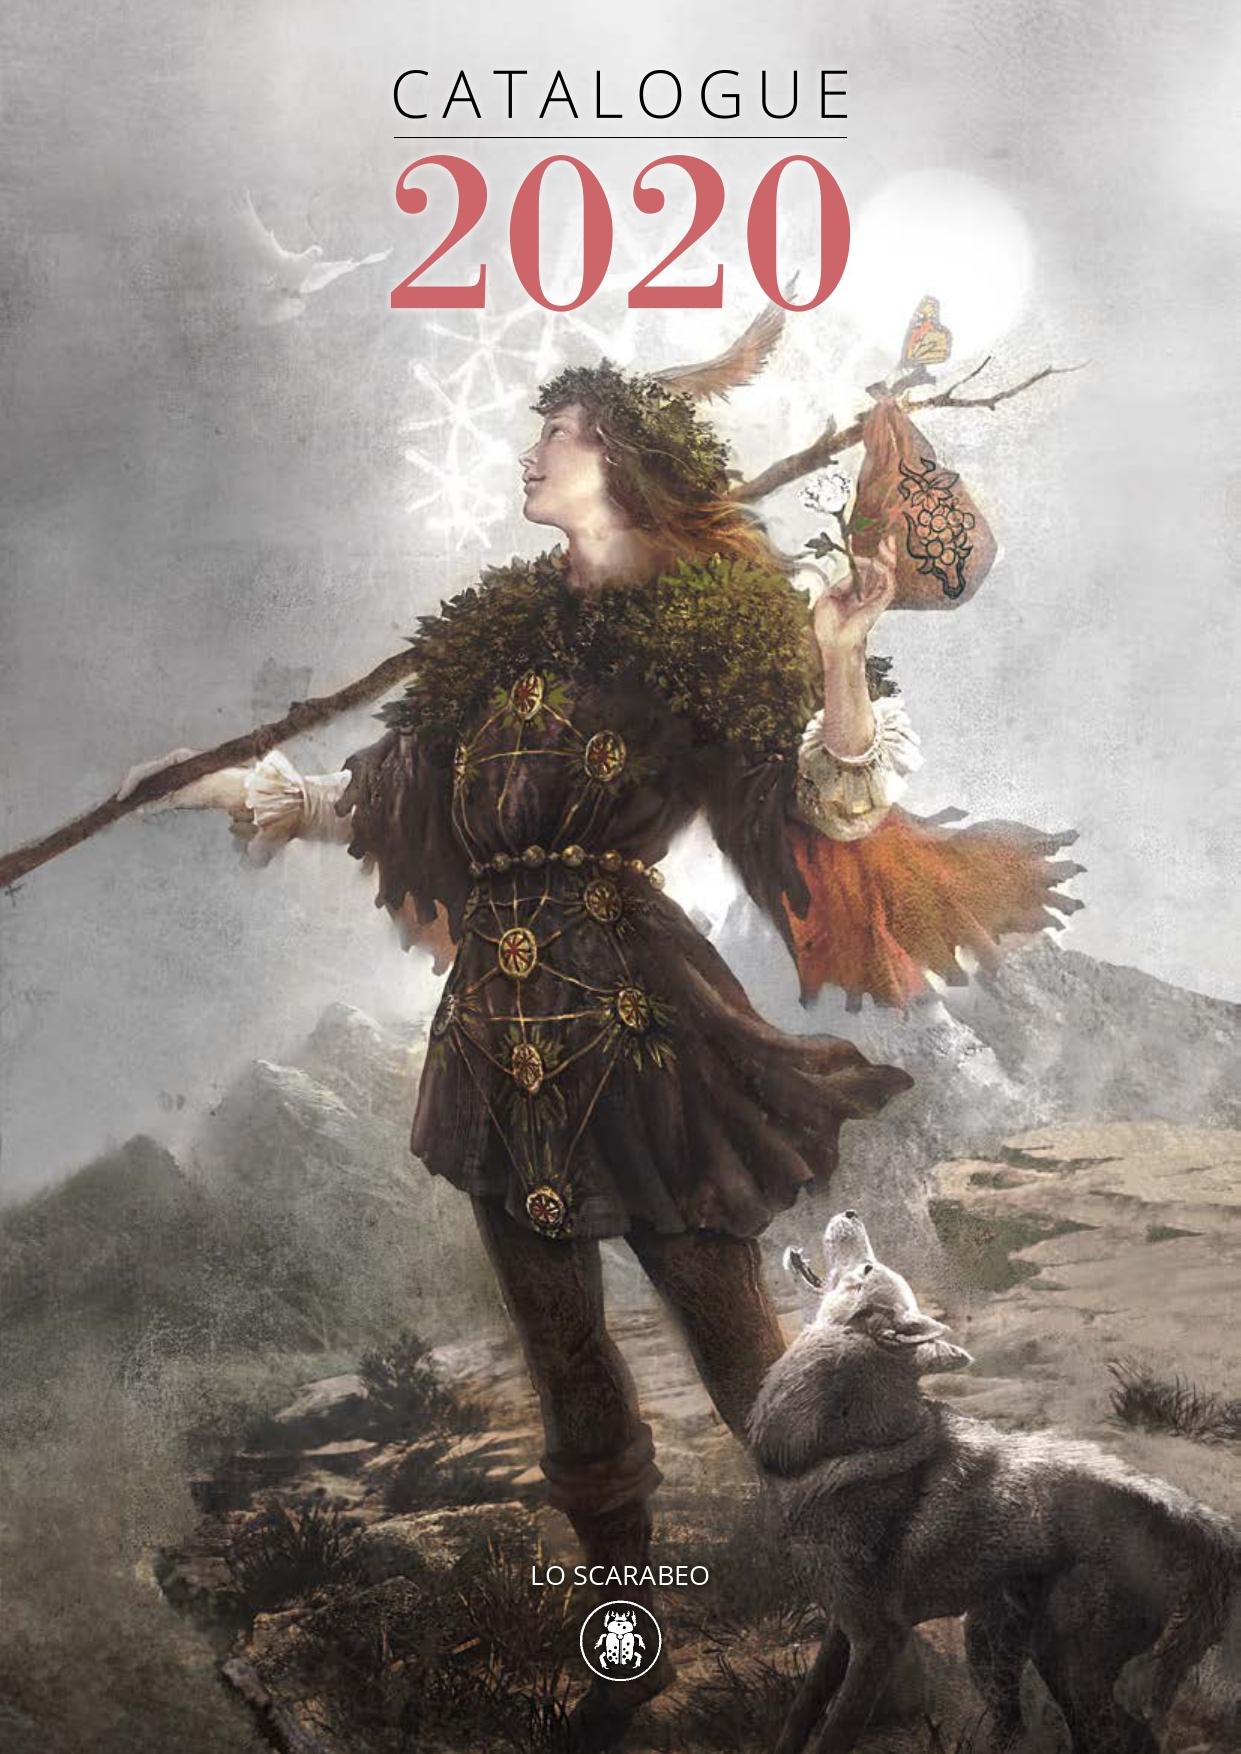 Обложка каталога Ло Скарабео (Lo Scarabeo) 2020